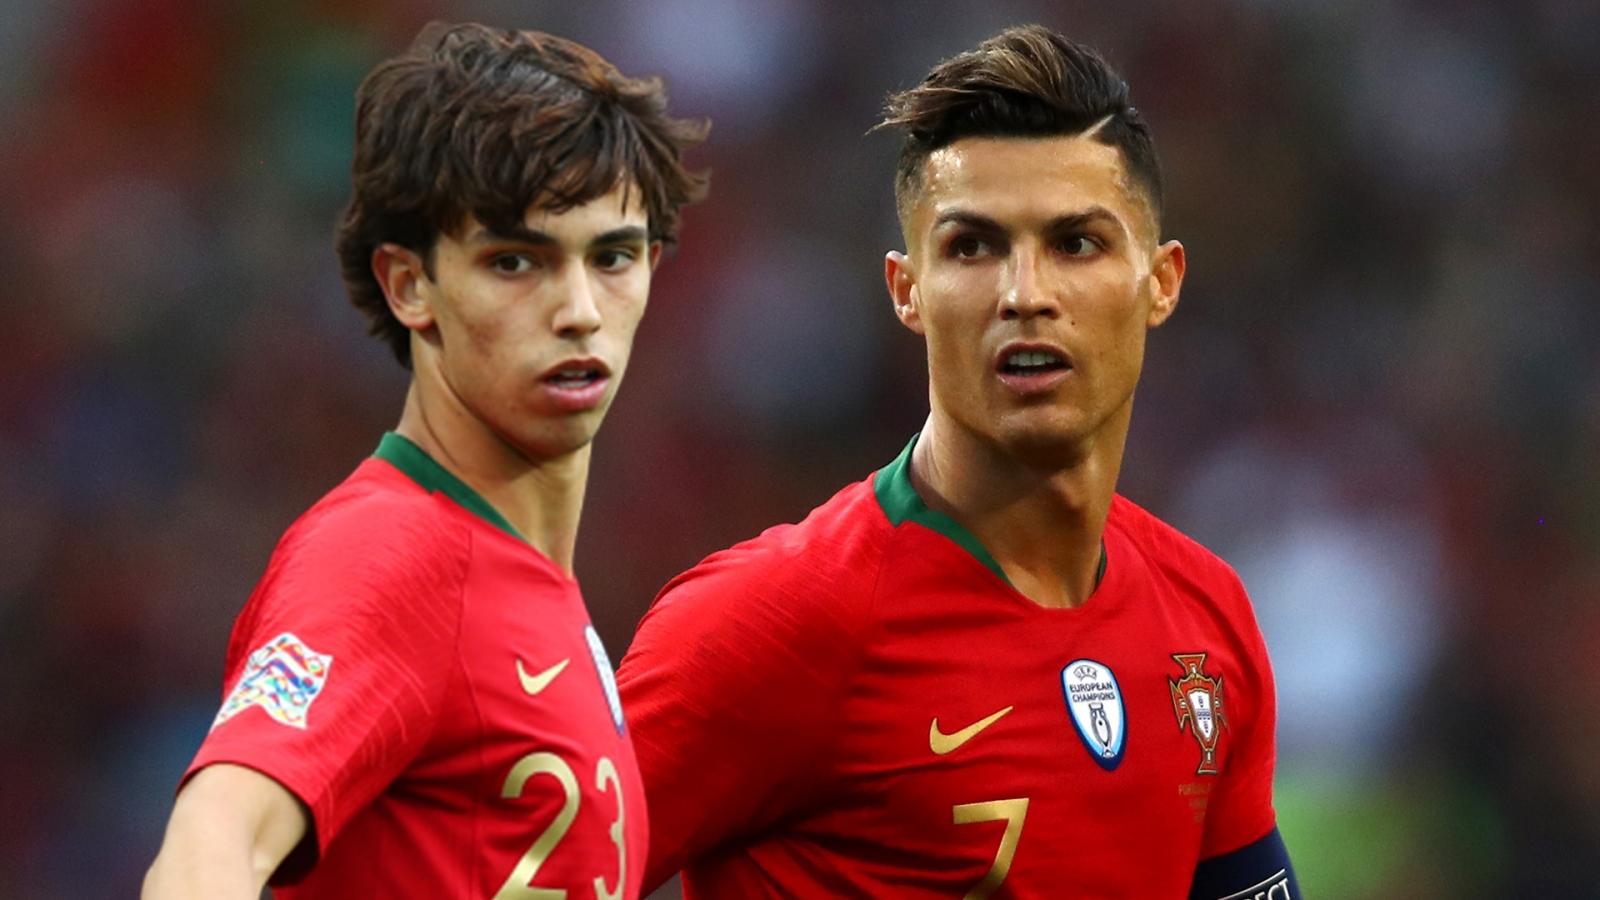 Bạn có biết: Cristiano Ronaldo không phải cầu thủ Bồ Đào Nha đắt giá nhất thế giới?